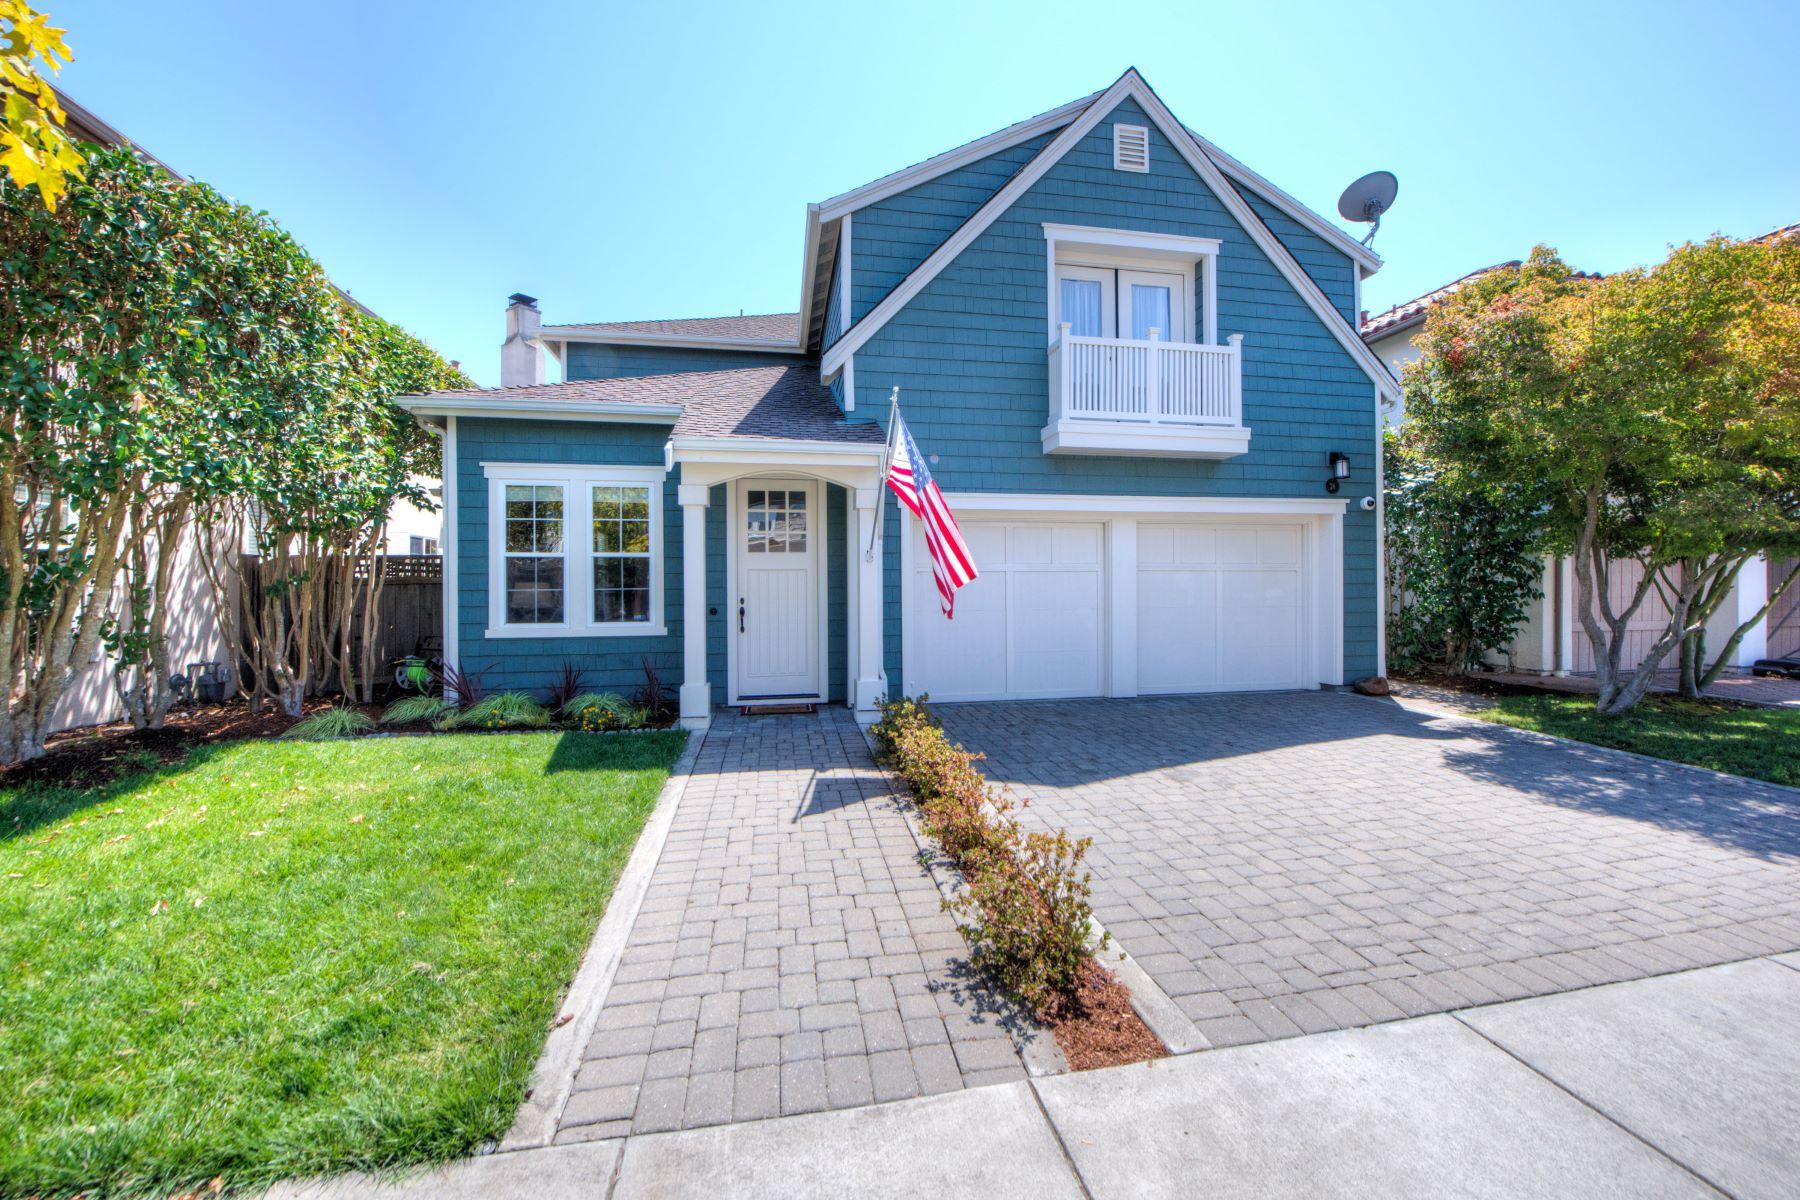 Частный односемейный дом для того Продажа на Coastal Charm with 5 Bedrooms! 26 Woodbridge Way Novato, Калифорния, 94949 Соединенные Штаты